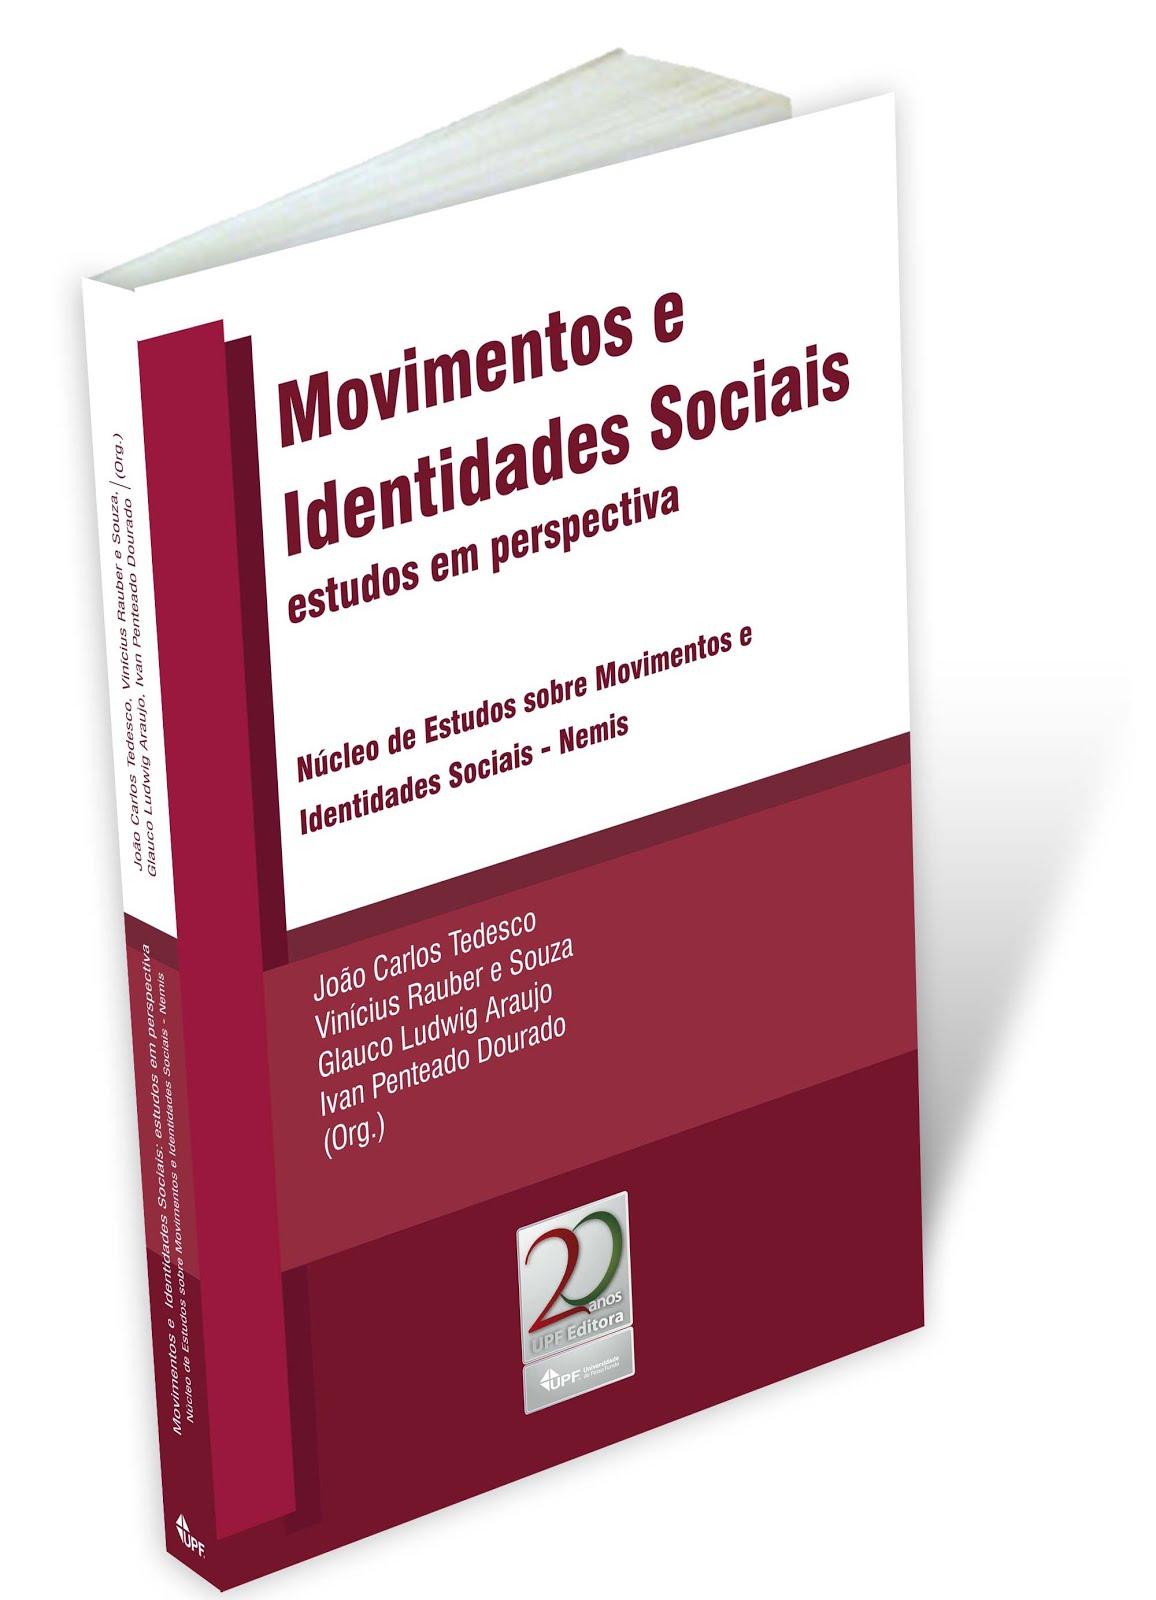 MOVIMENTOS E IDENTIDADES SOCIAIS